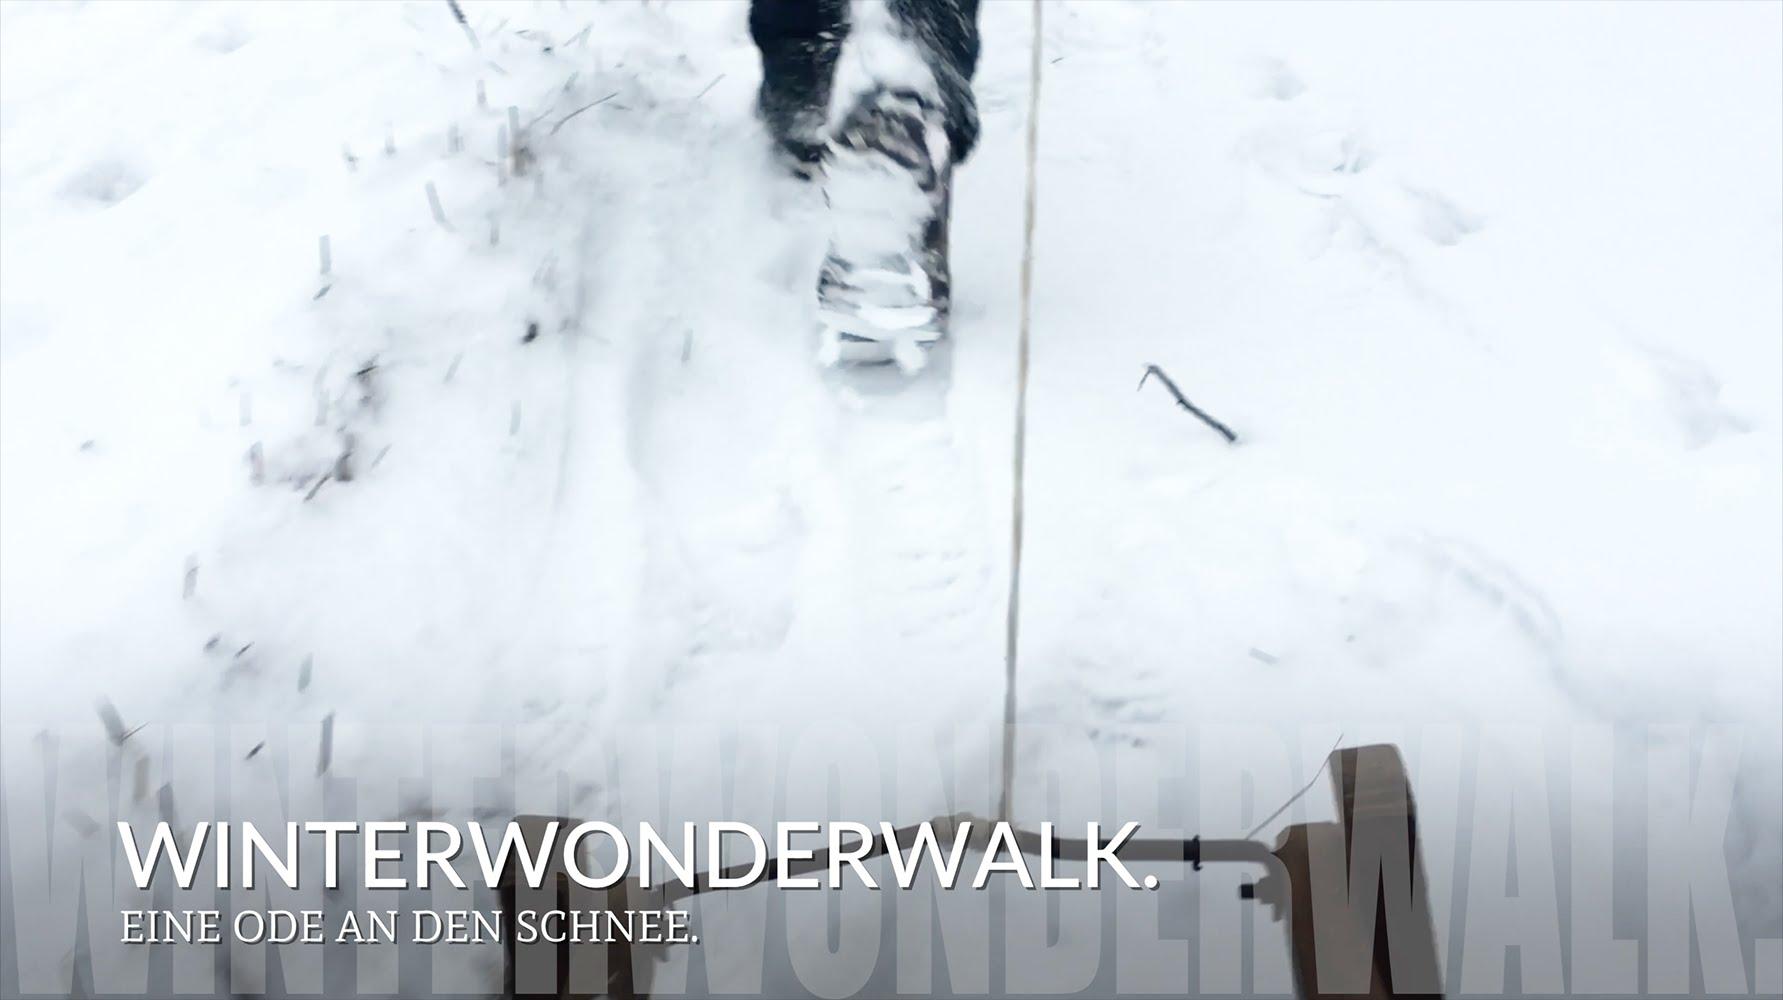 Winderwonderwalk. Eine Ode an den Schnee.